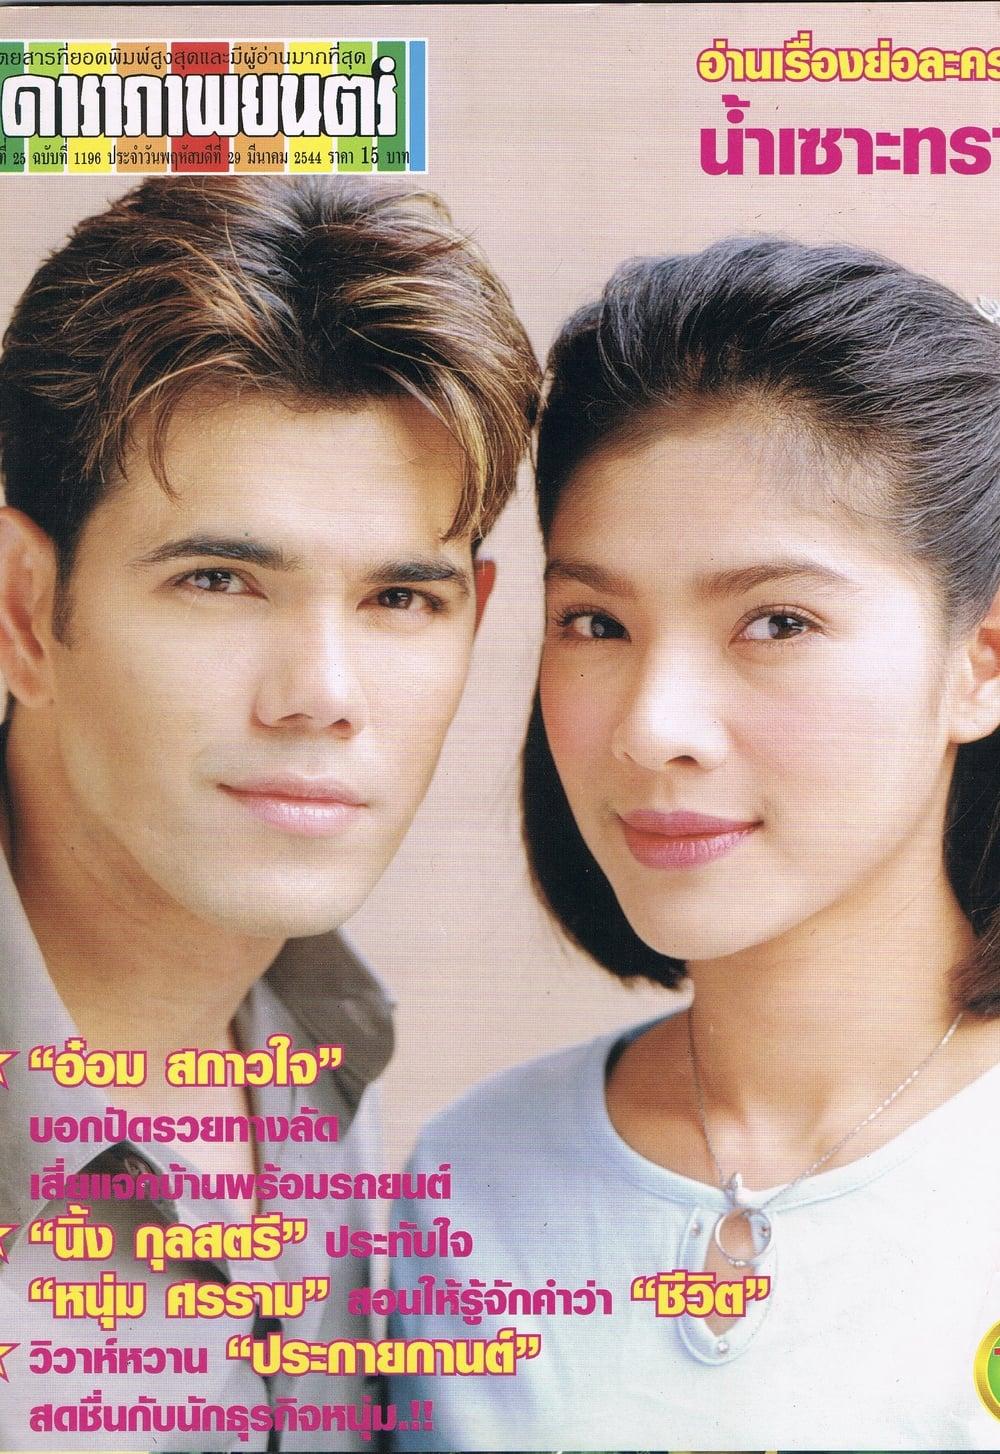 Fai Kammathep (ไฟกามเทพ) (2001)